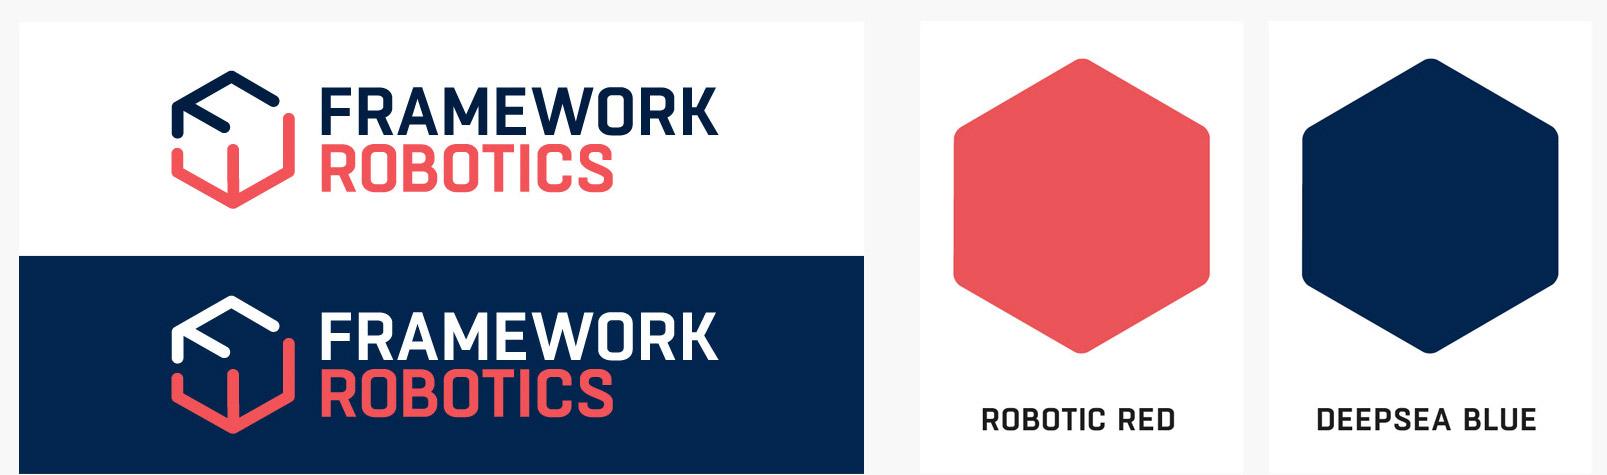 Das Bild zeigt zwei farbliche Varianten des Logos für den Kunden FRAMEWORK Robotics. Die Wort-Bildmarke steht dabei einmal auf der Corporate Color »Deep Sea Blue« und einmal auf weiß. Das Design des Logos ist so definiert, dass die zweite Corporate Farbe »Robotic Red« immer verwendet wird, unabhängig vom Untergrund.